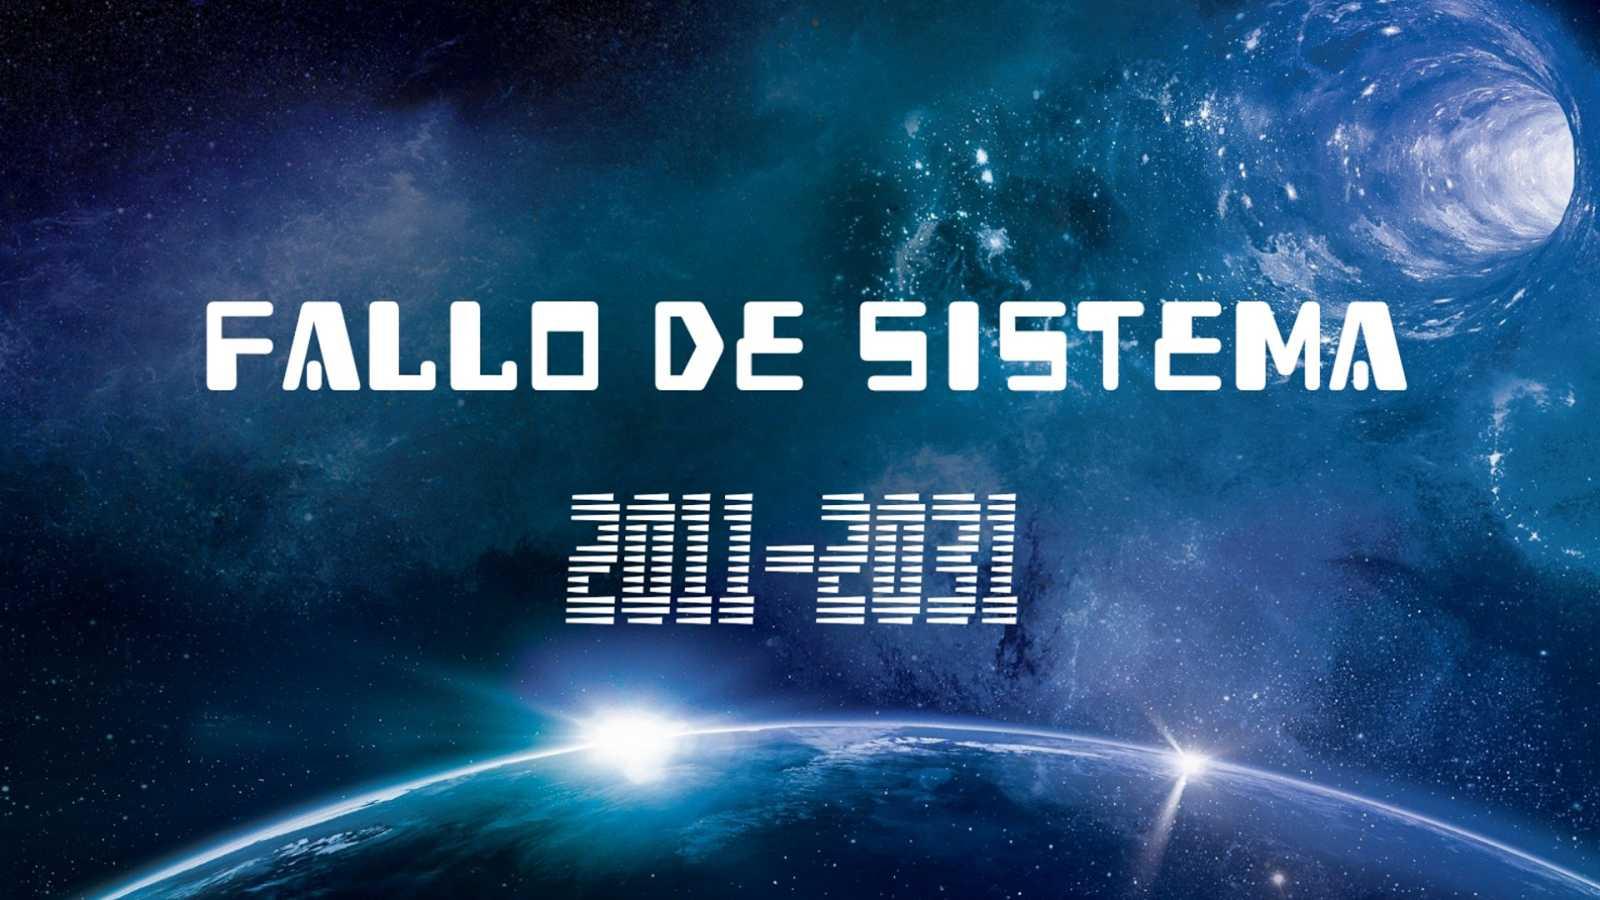 Fallo de sistema - 446: Fallo de Sistema 2011-2031 - 04/04/21 - escuchar ahora